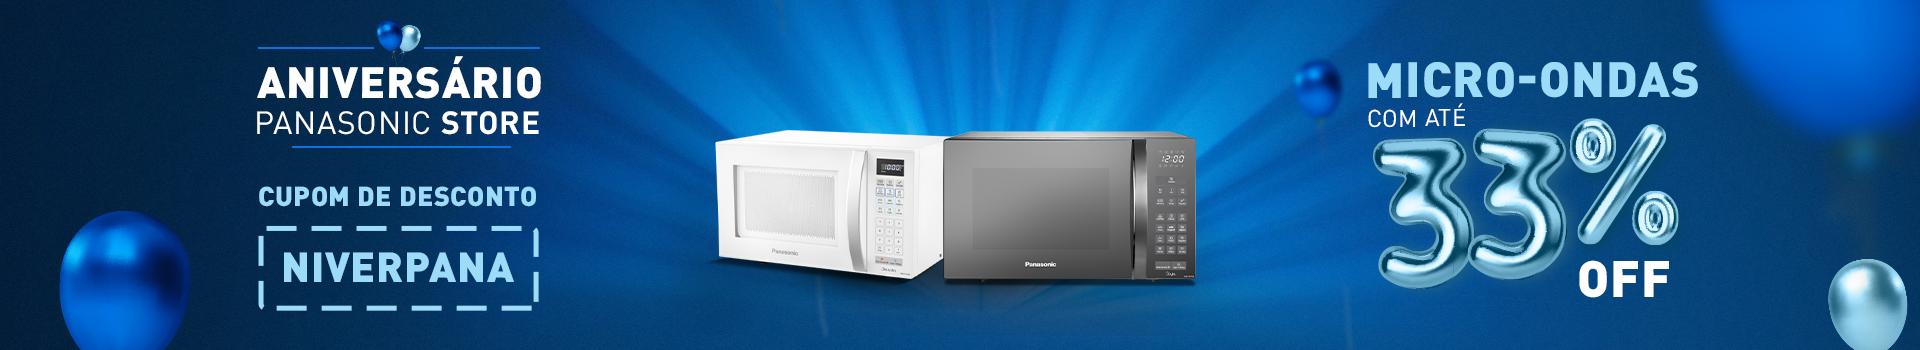 Micro-ondas - Panasonic